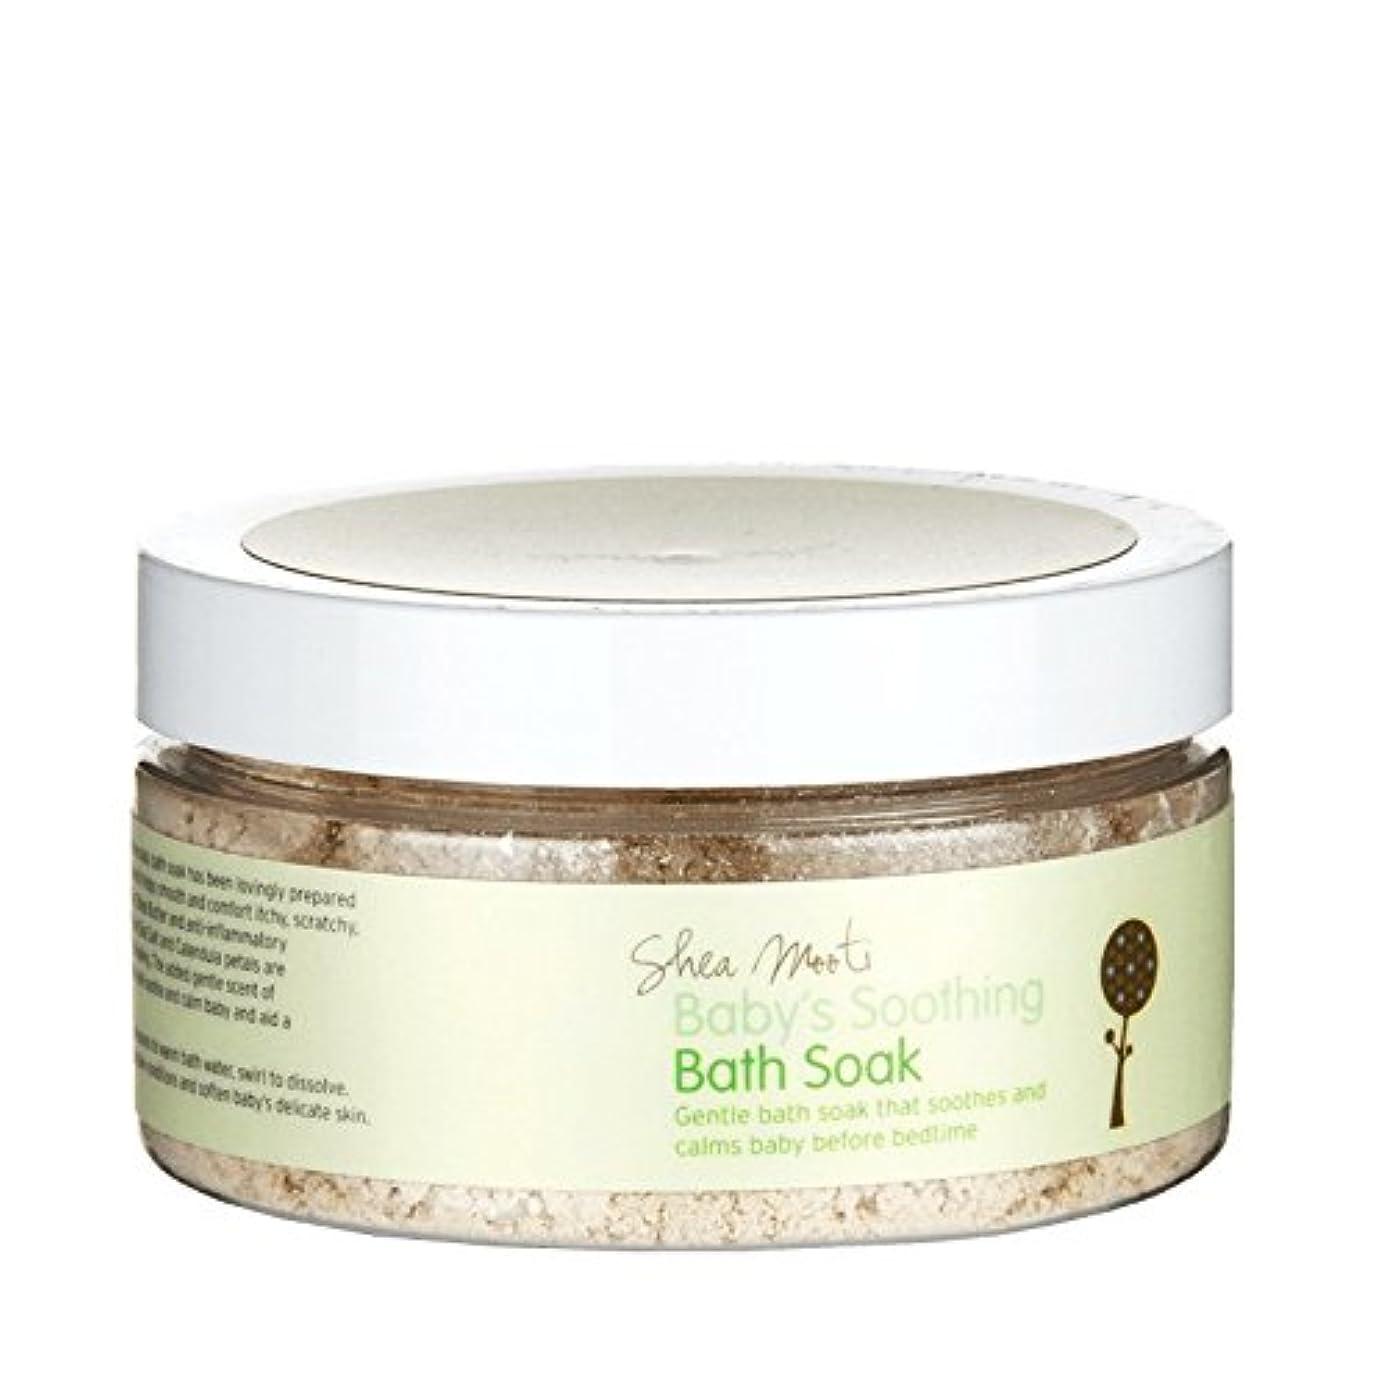 貫入海外各Shea Mooti Baby's Soothing Bath Soak 130g (Pack of 6) - シアバターMooti赤ちゃんの癒しのお風呂は、130グラムを浸し (x6) [並行輸入品]